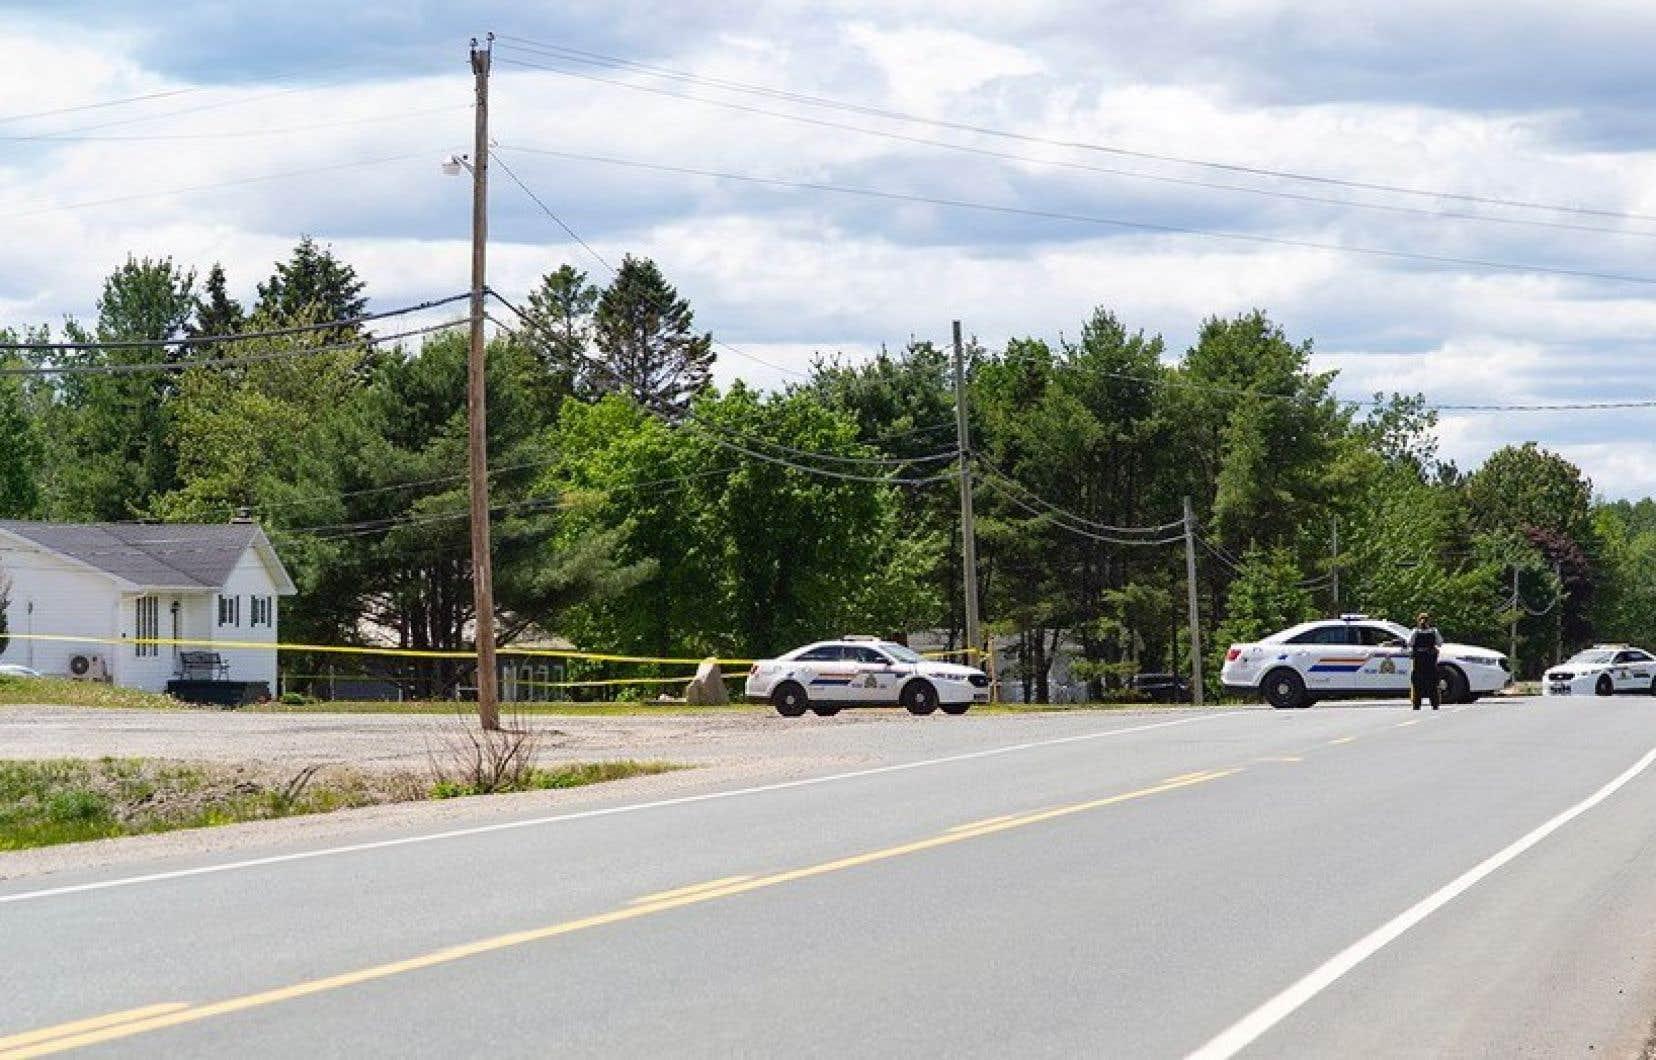 Le BEI examine notamment les gestes posés par des policiers au Nouveau-Brunswick qui ont mené à la mort de Rodney Levi, 48ans, vendredi dernier.